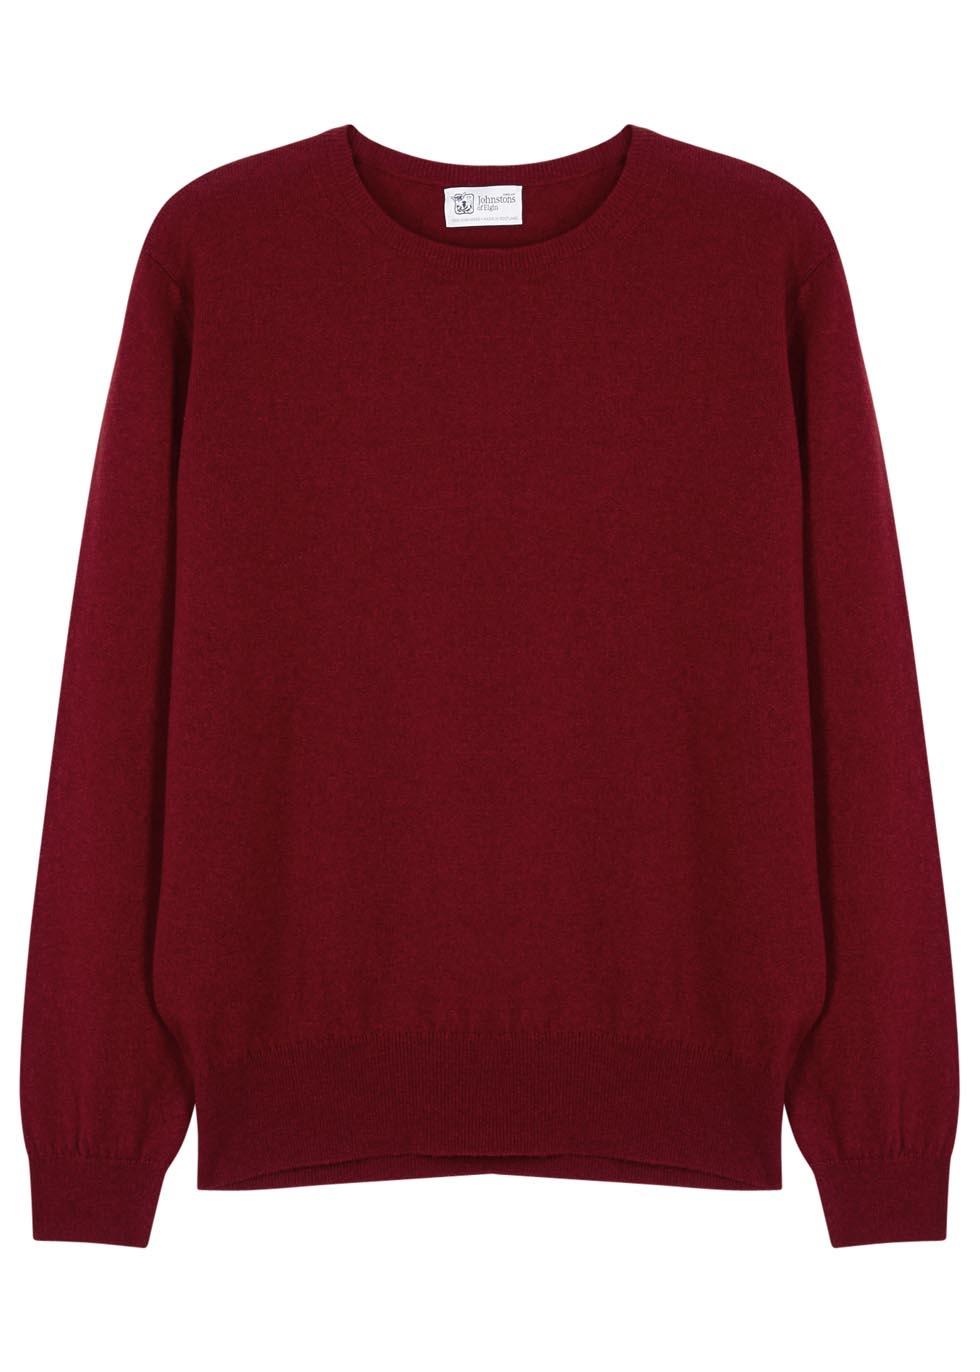 Red cashmere jumper - Johnstons of Elgin